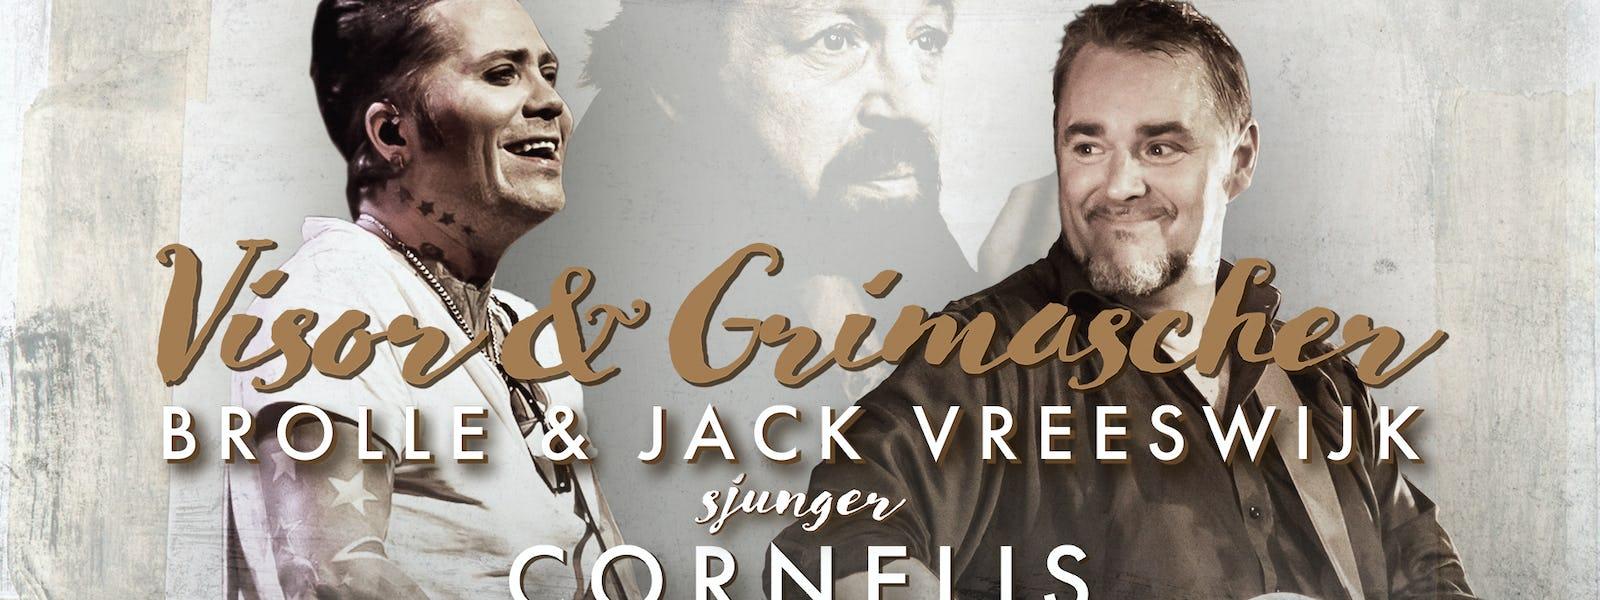 Bild - Visor & Grimascher - Jack Vreeswijk & Brolle sjunger Cornelis